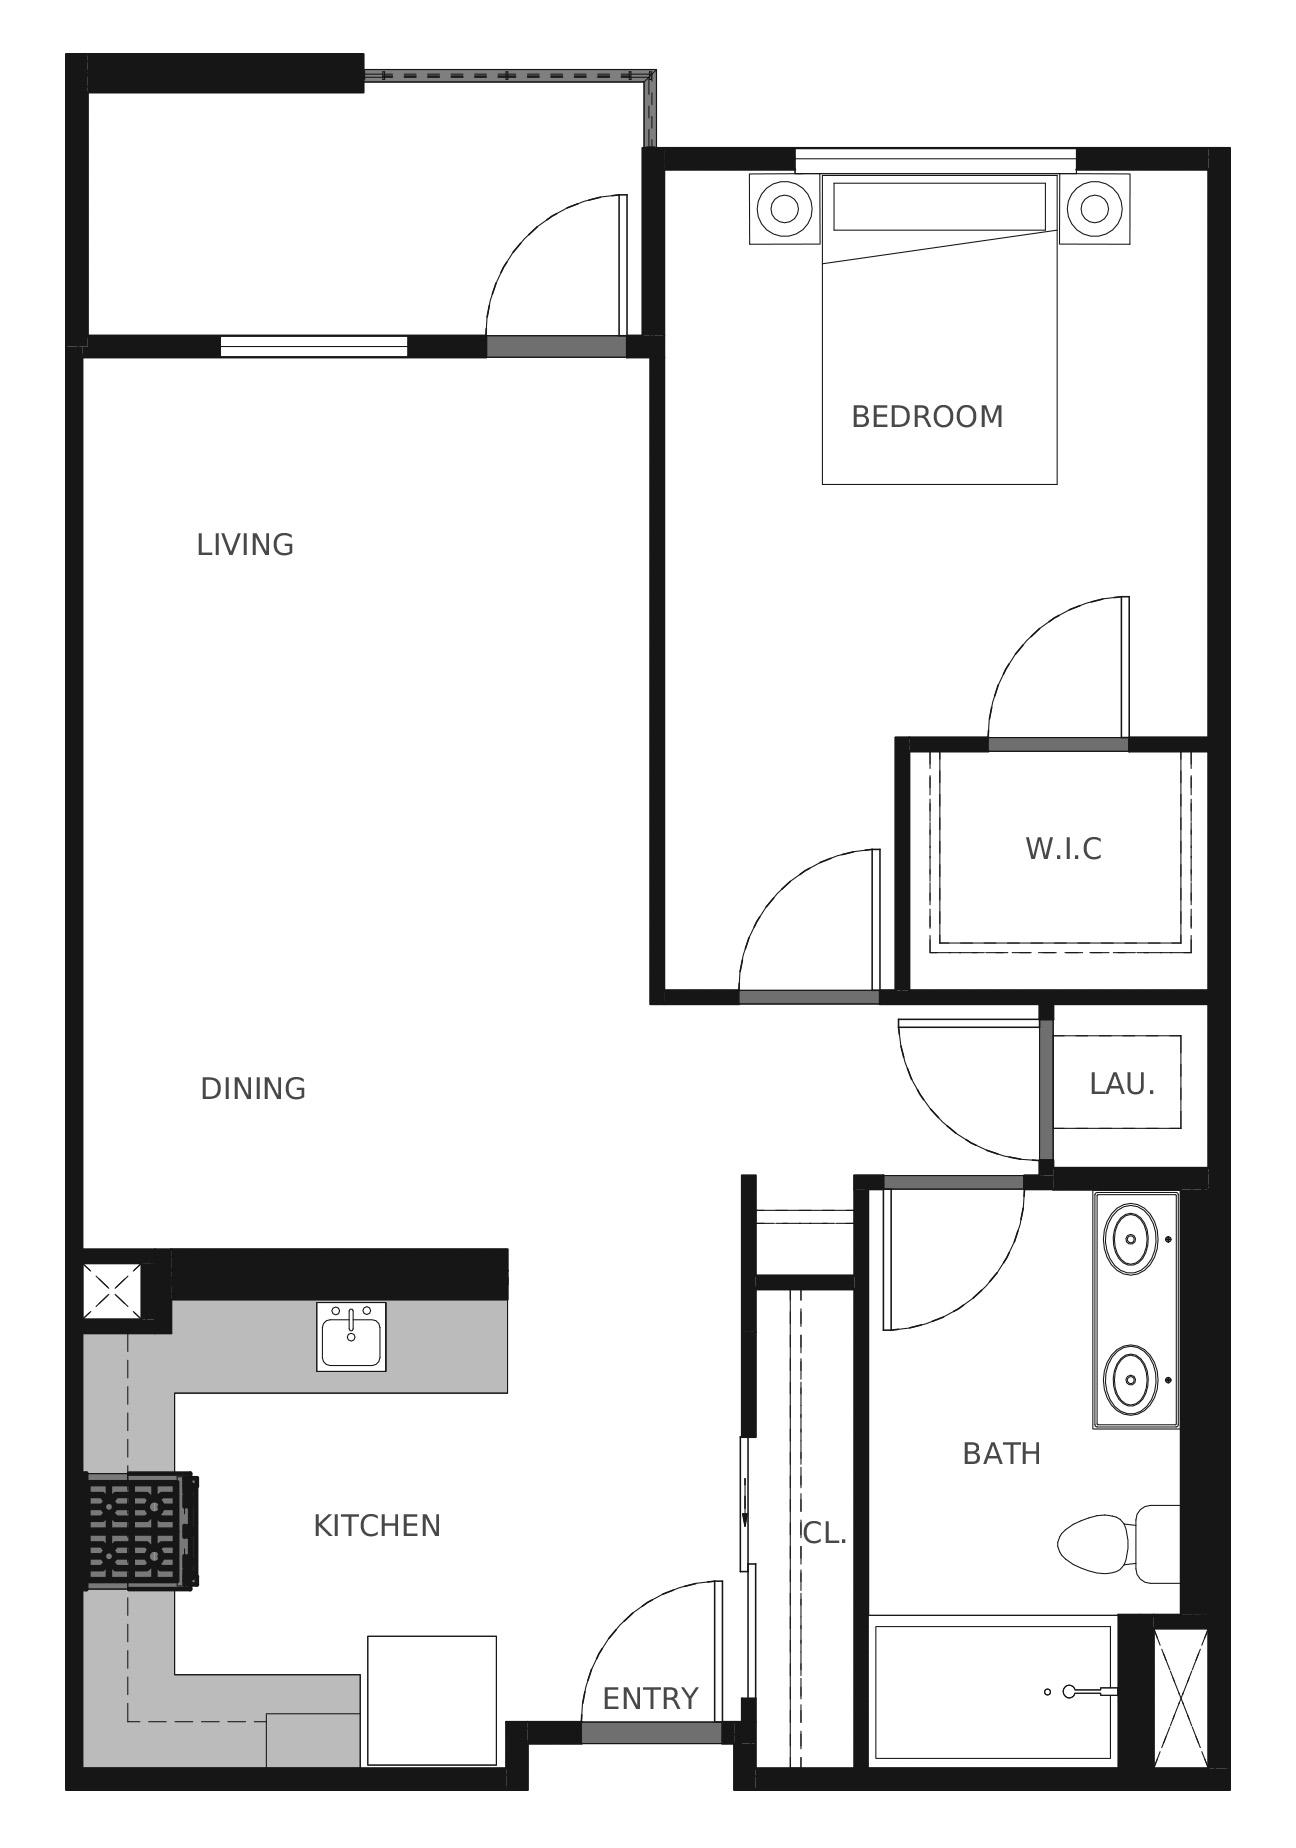 Plan A2 - 735 sq. ft.